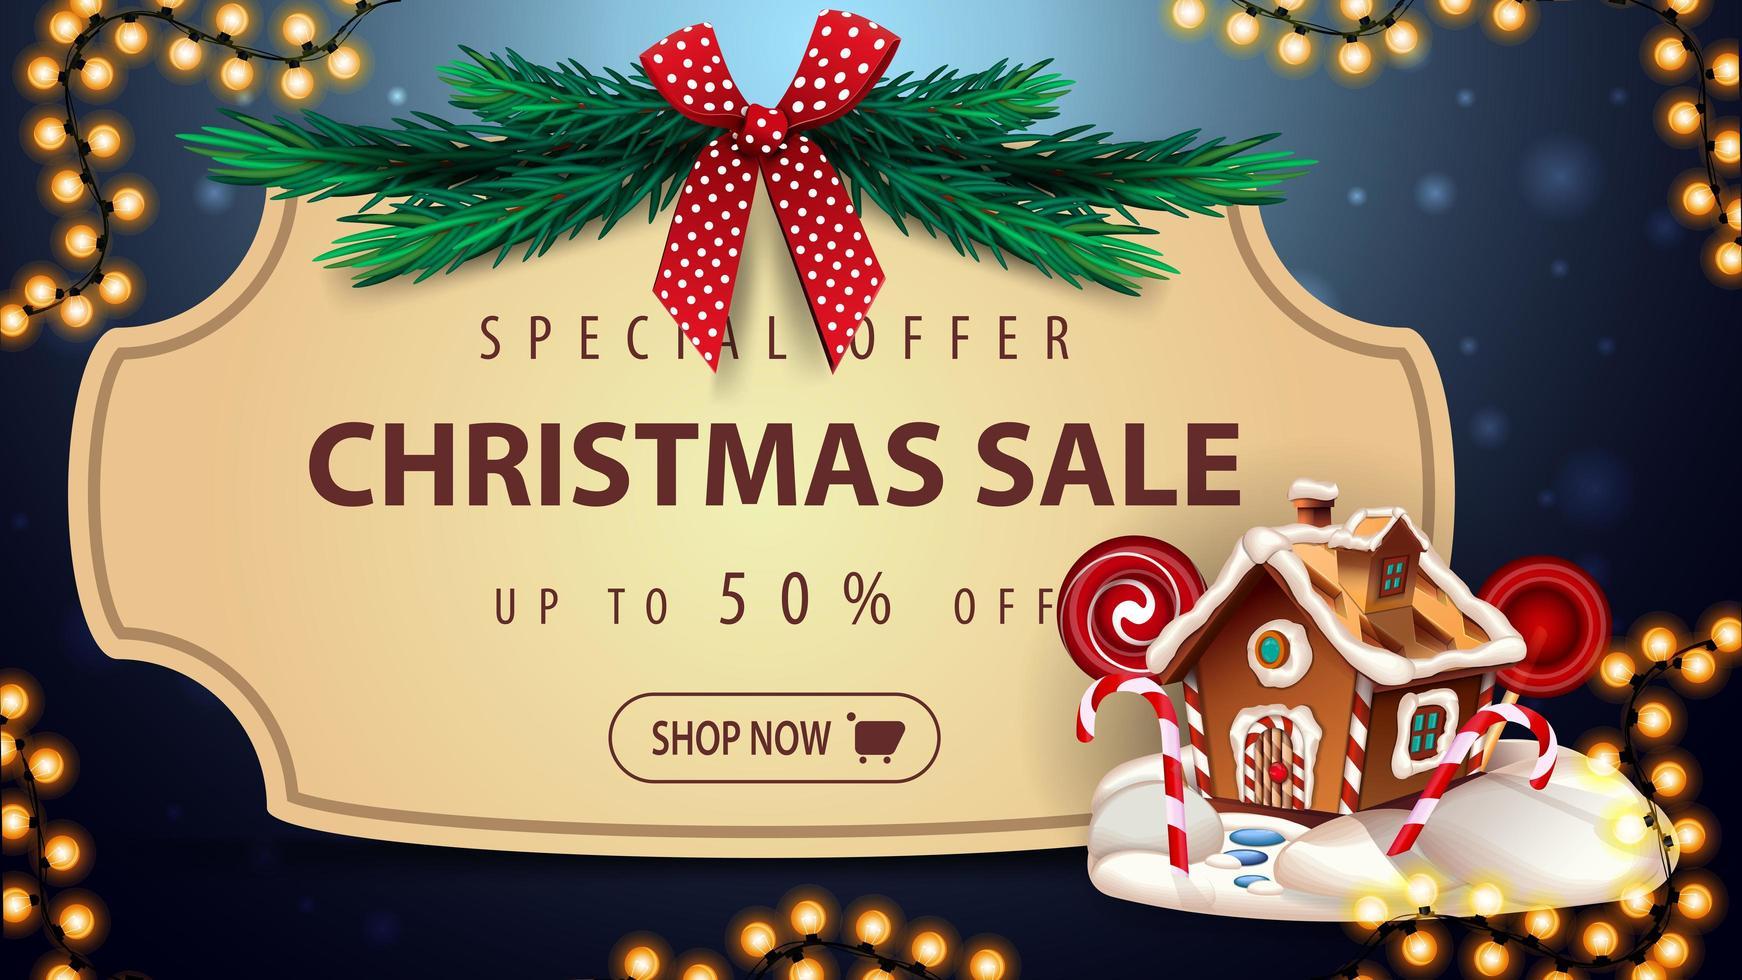 Sonderangebot, Weihnachtsverkauf, bis zu 50 Rabatt, blaues Rabatt-Banner mit Vintage-Rahmen, Weihnachtsbaumzweige mit roter Schleife, Girlande und Weihnachts-Lebkuchenhaus vektor